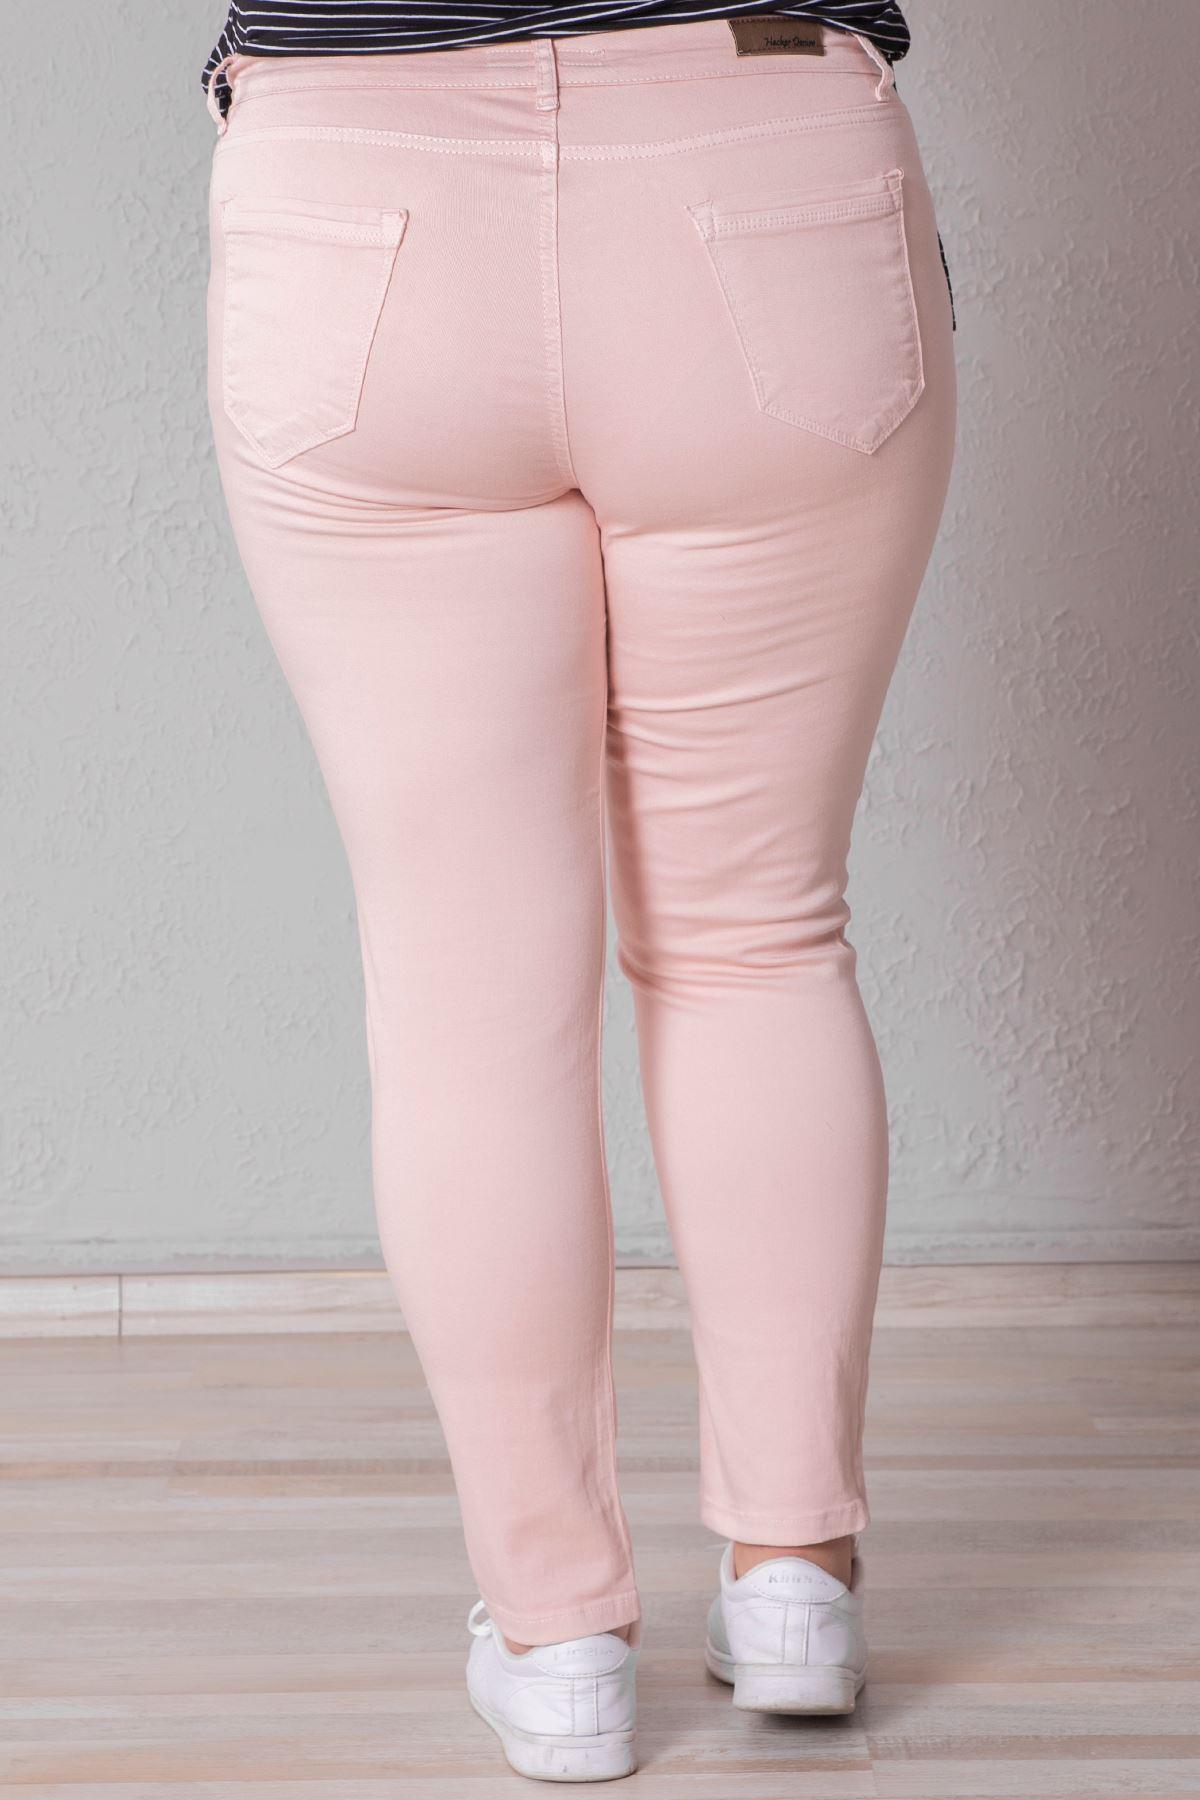 Kadın Battal Enzim Yıkamalı Pembe Kot Pantolon